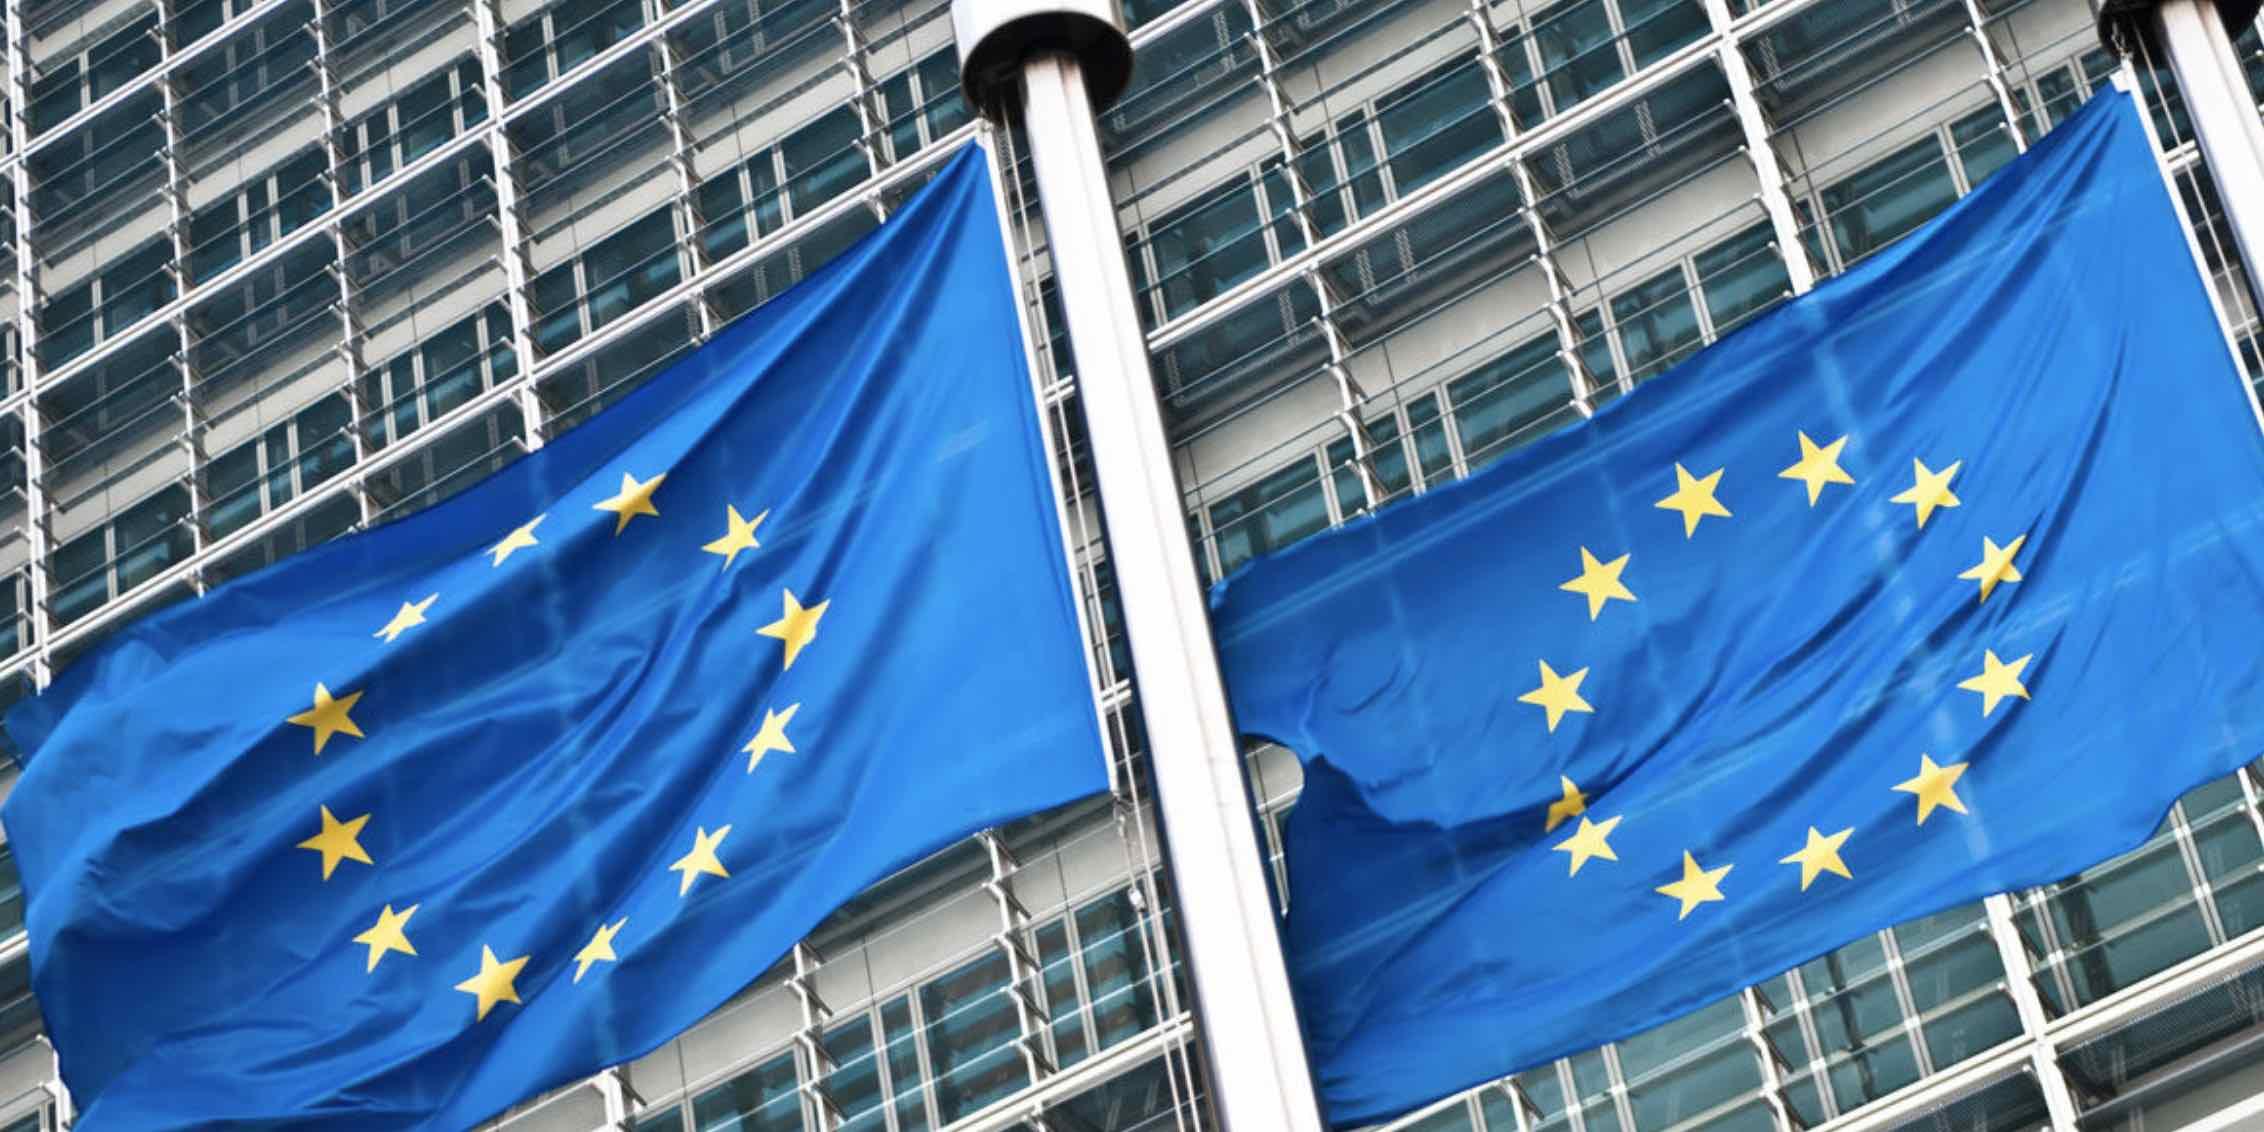 Elecciones europeas, Parlamento Europeo, Europarlamento